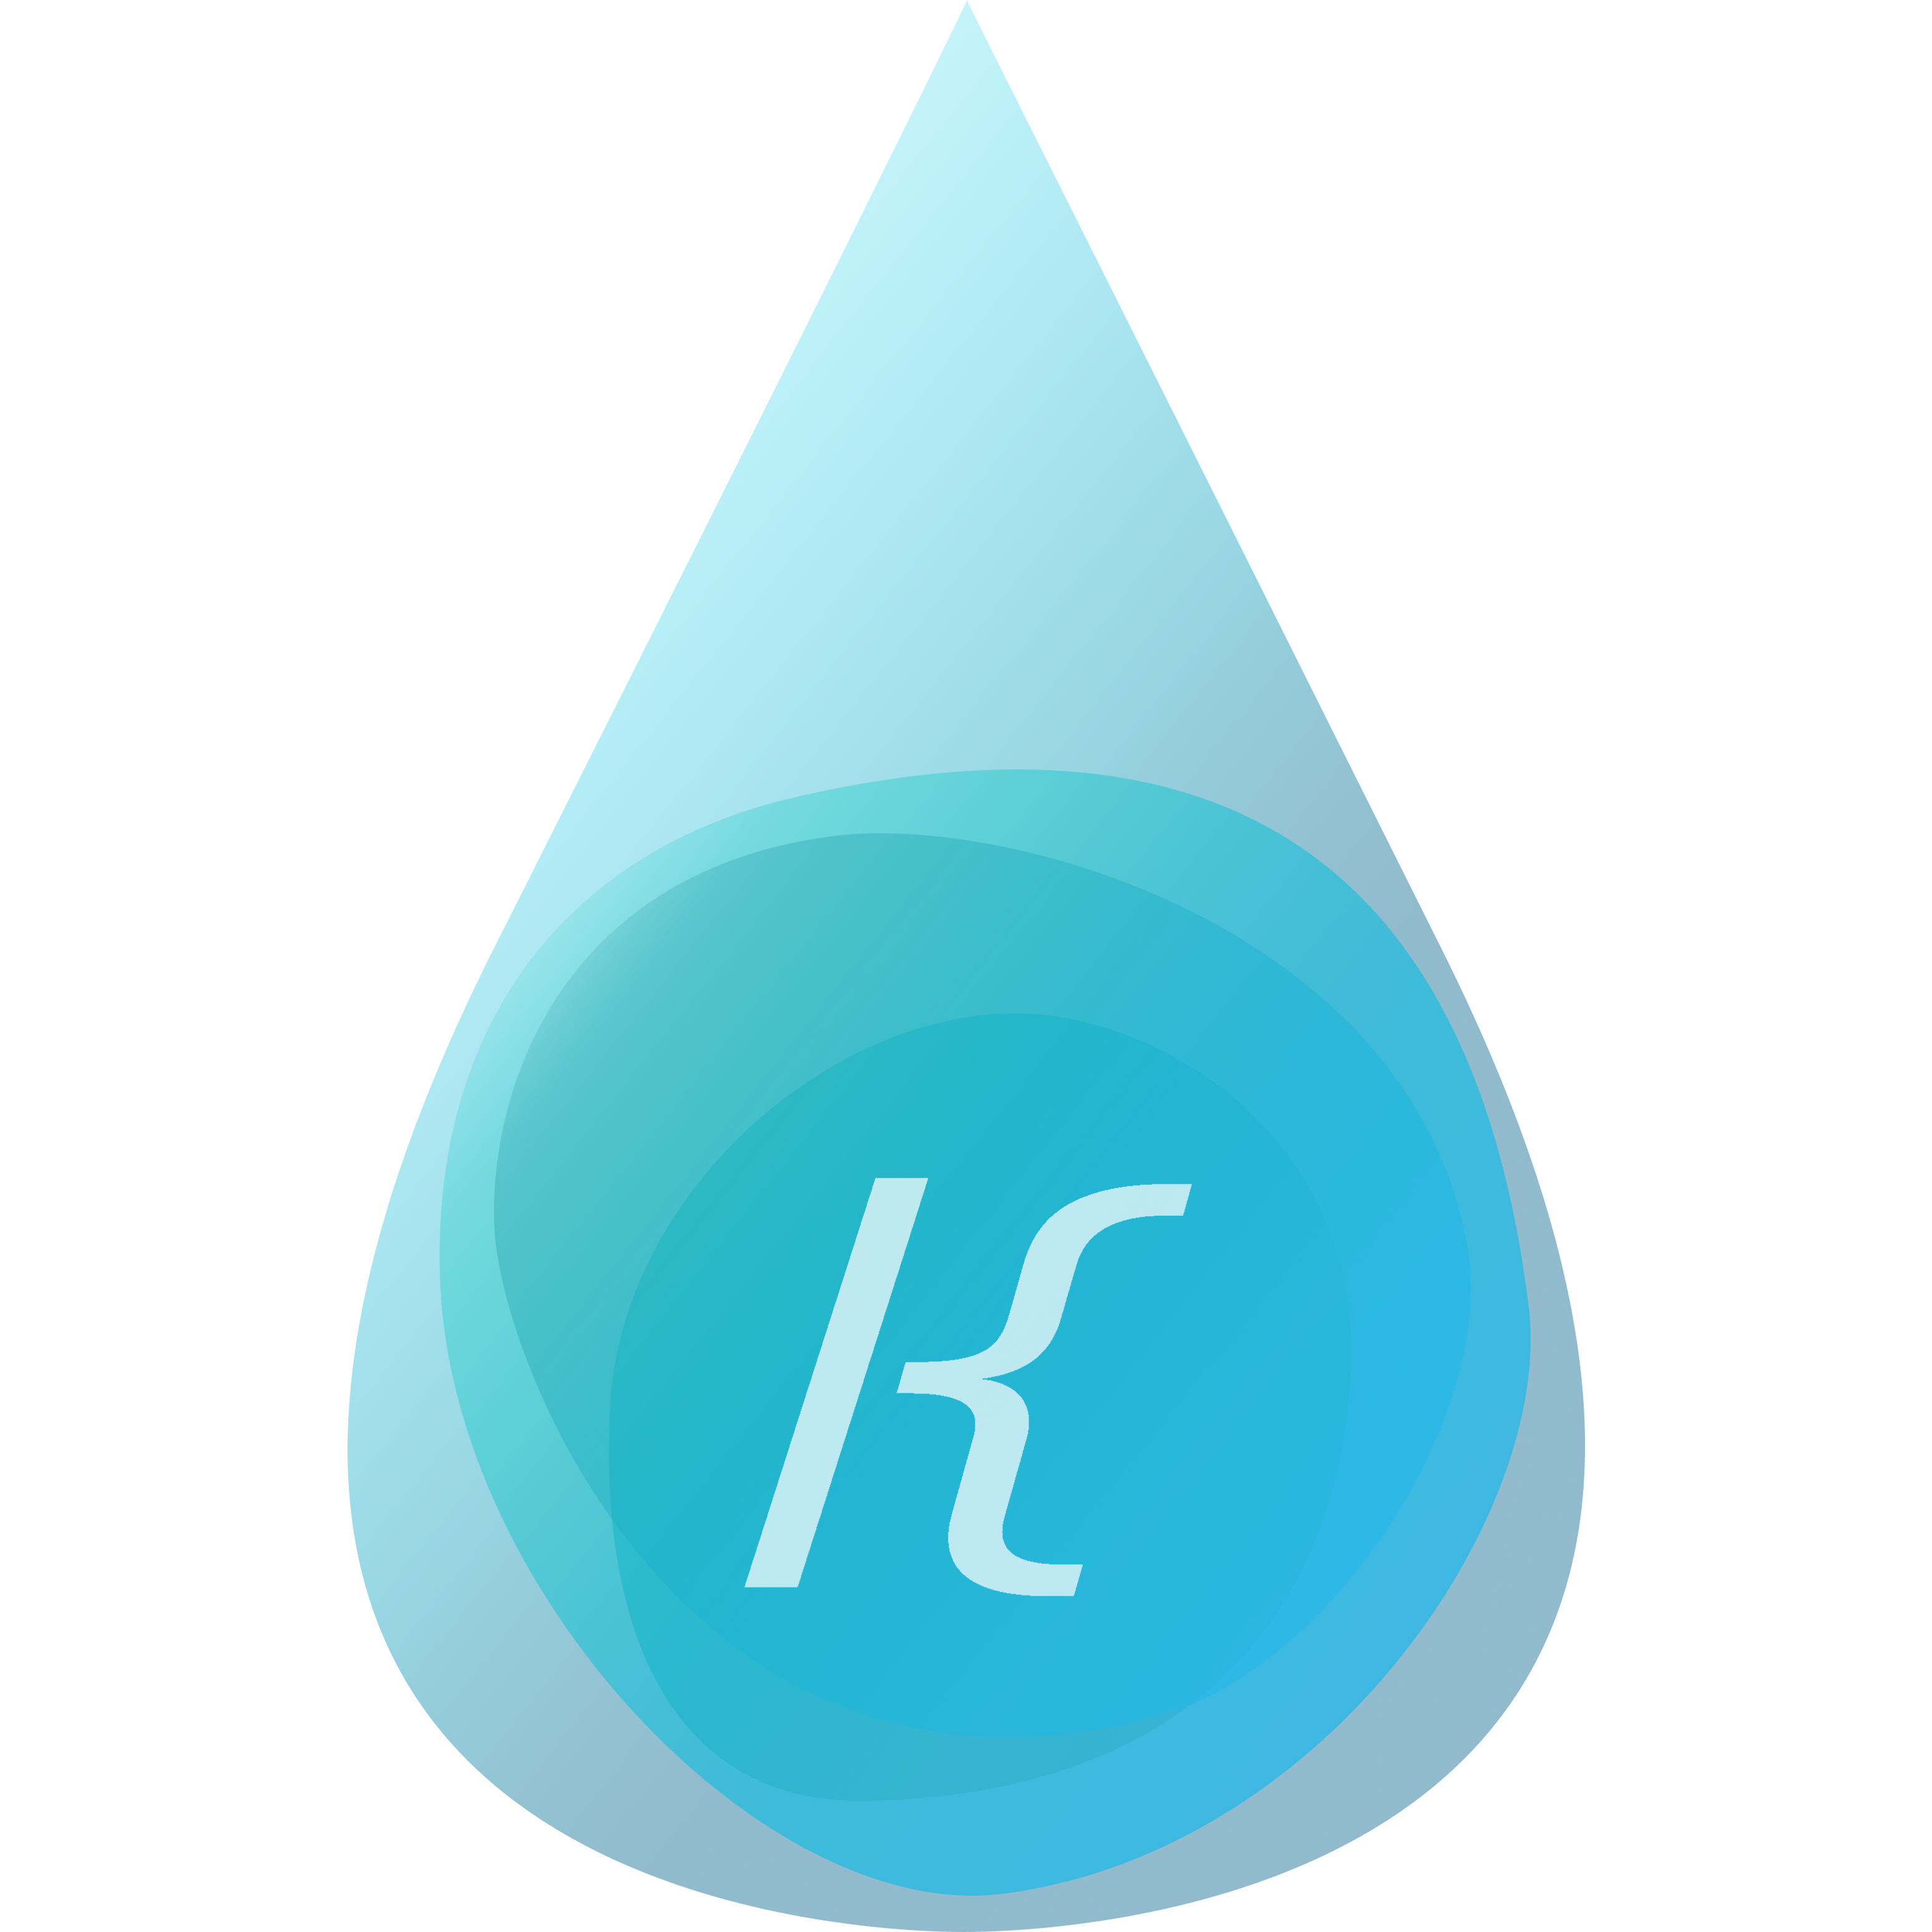 氧化氢-klwp动态壁纸 1.31